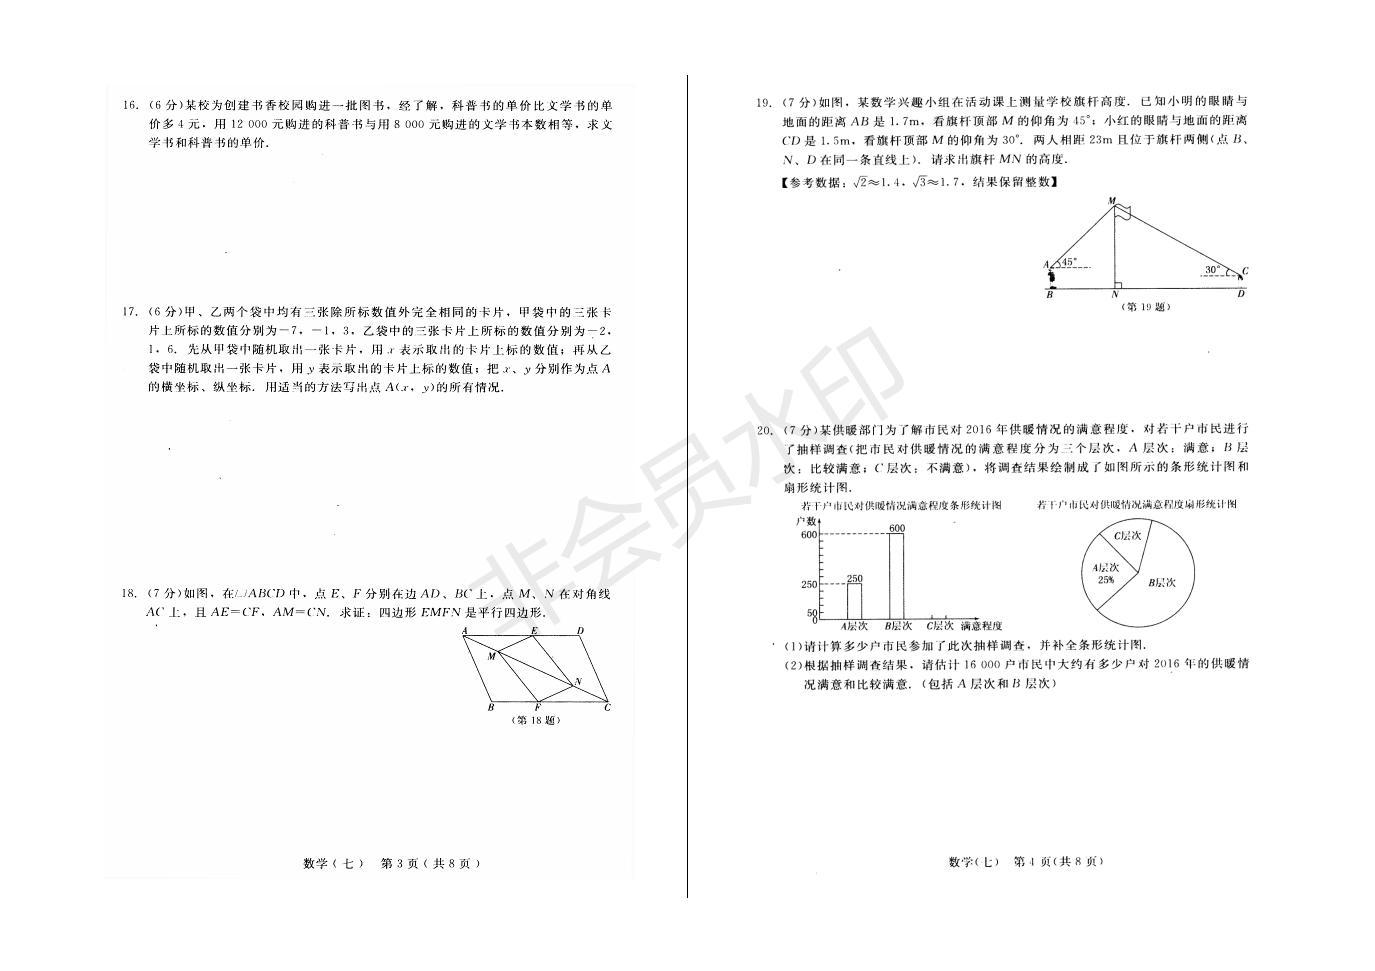 长春市中考综合学习评价与检测数学试卷(七)(ZKSX0187)